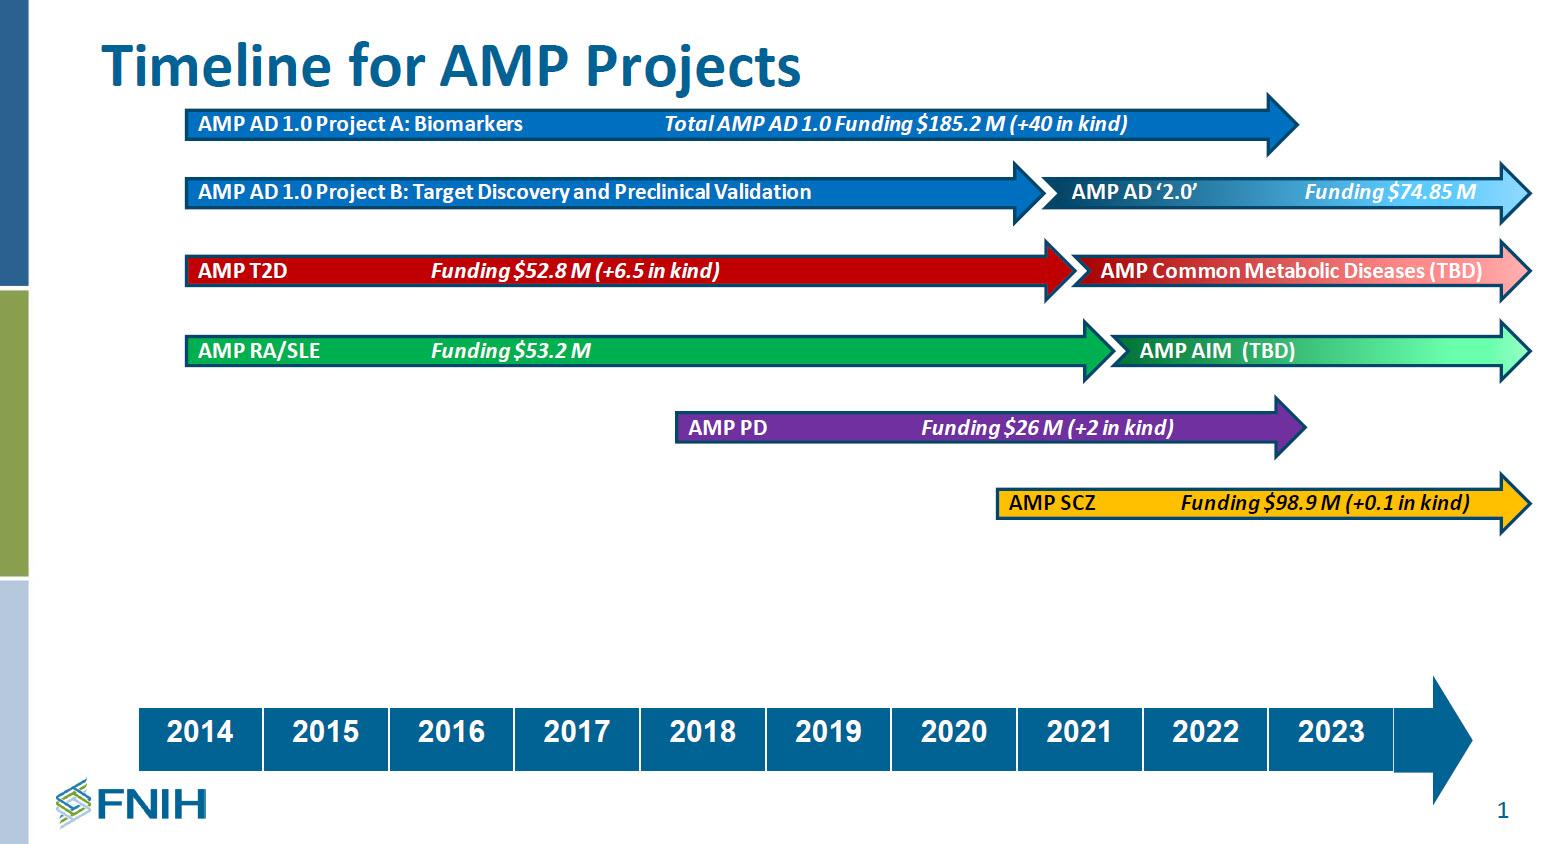 AMP timeline